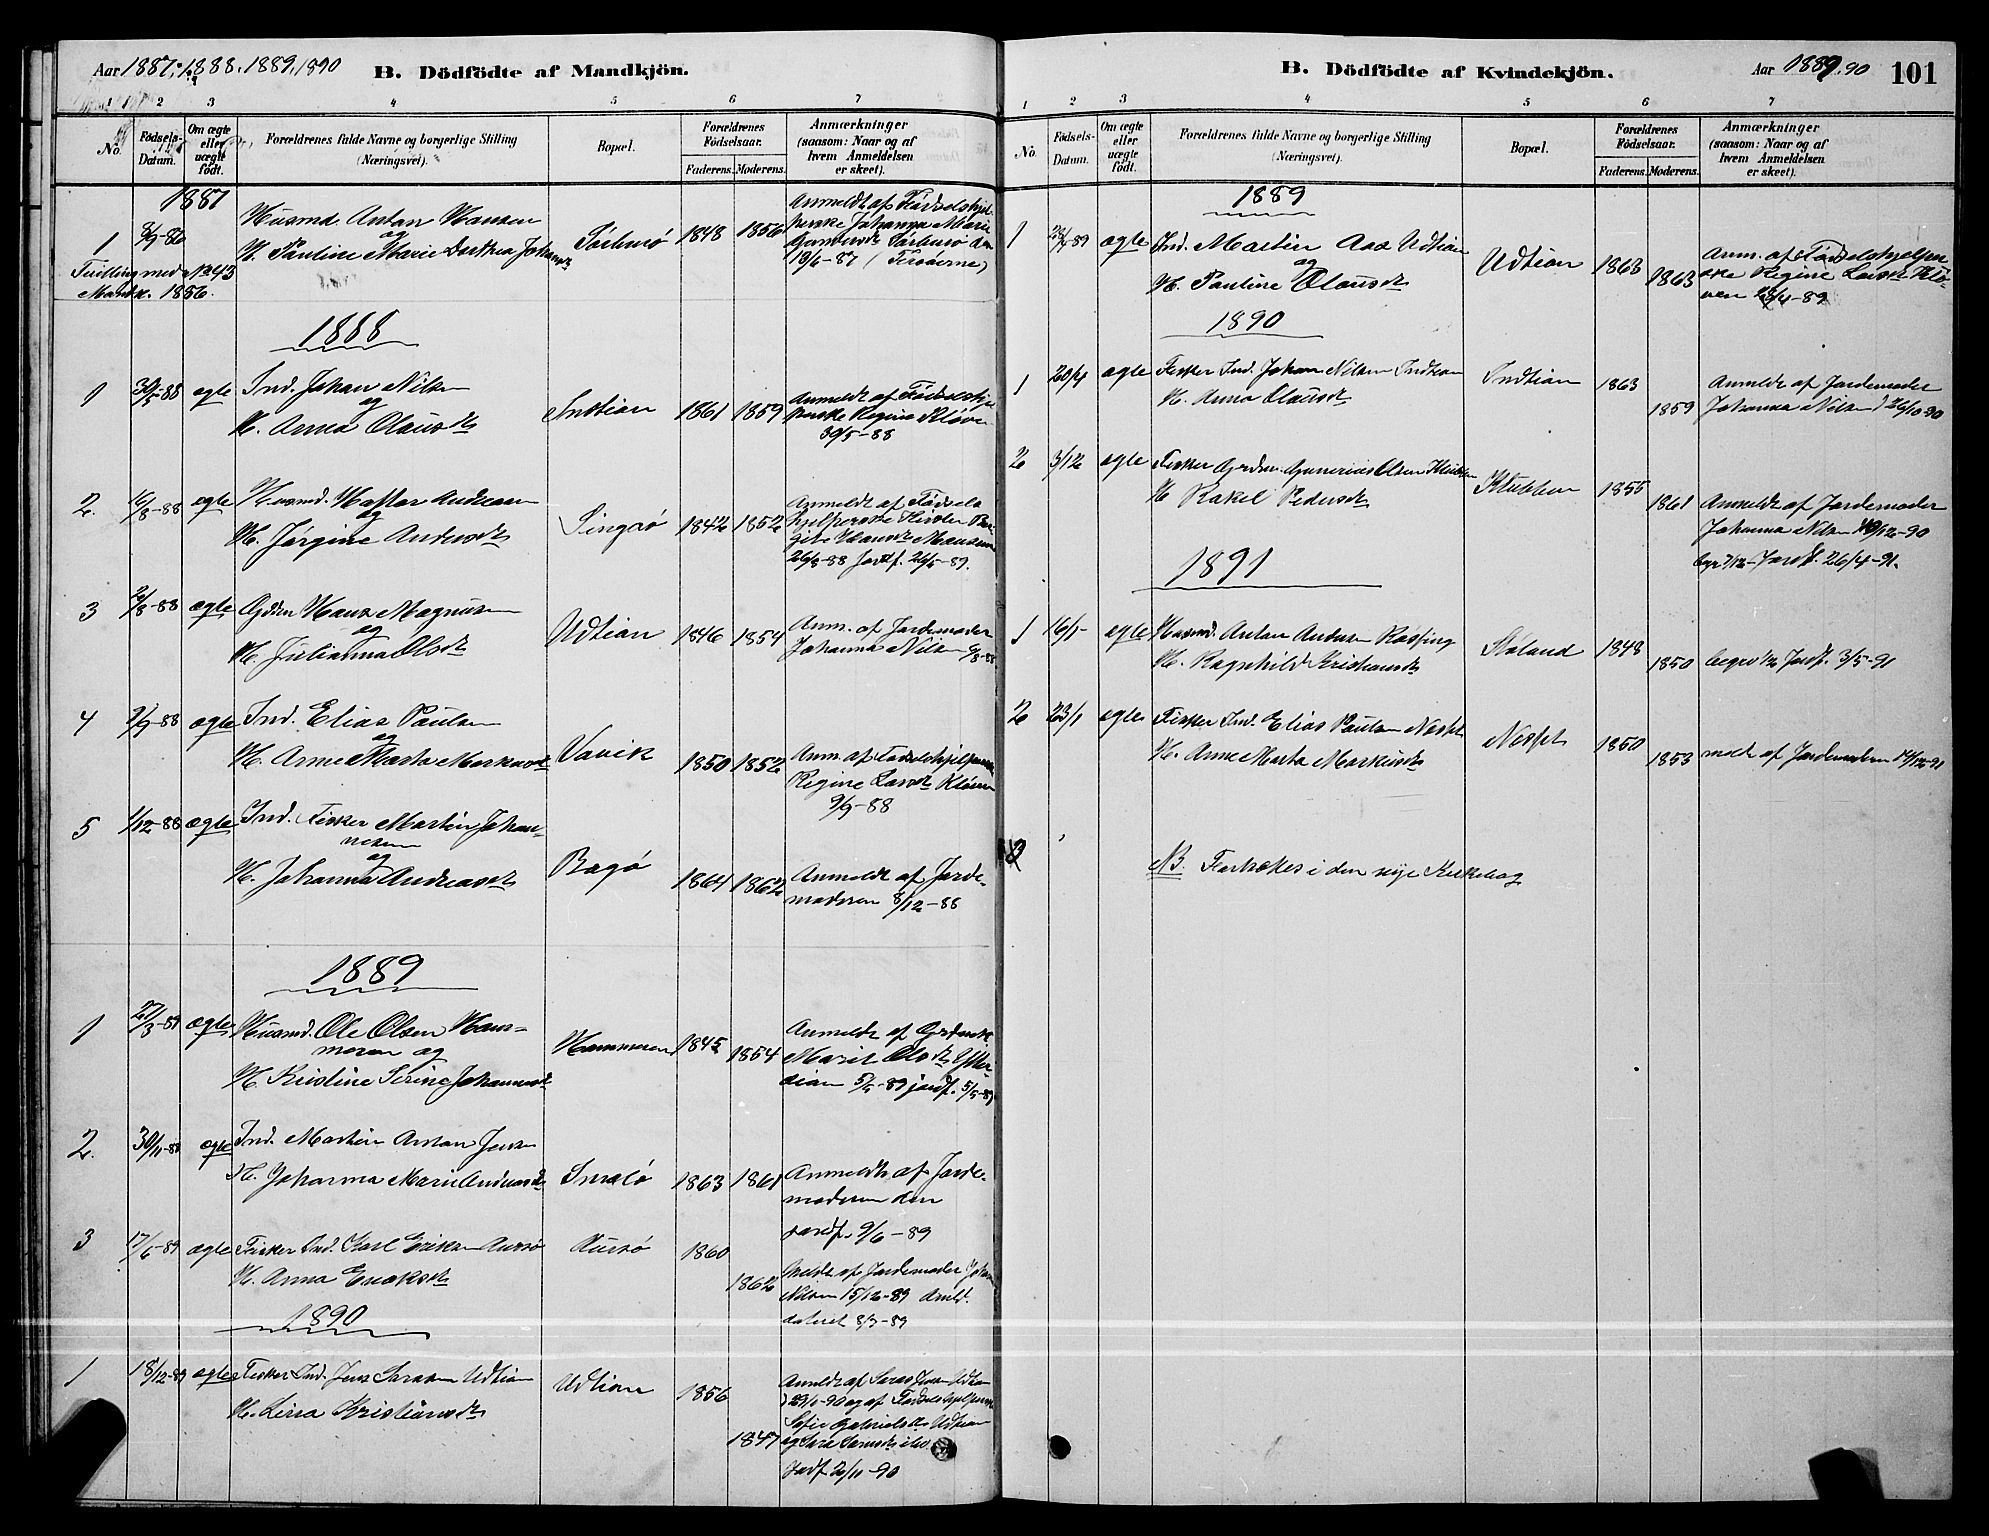 SAT, Ministerialprotokoller, klokkerbøker og fødselsregistre - Sør-Trøndelag, 640/L0585: Klokkerbok nr. 640C03, 1878-1891, s. 101